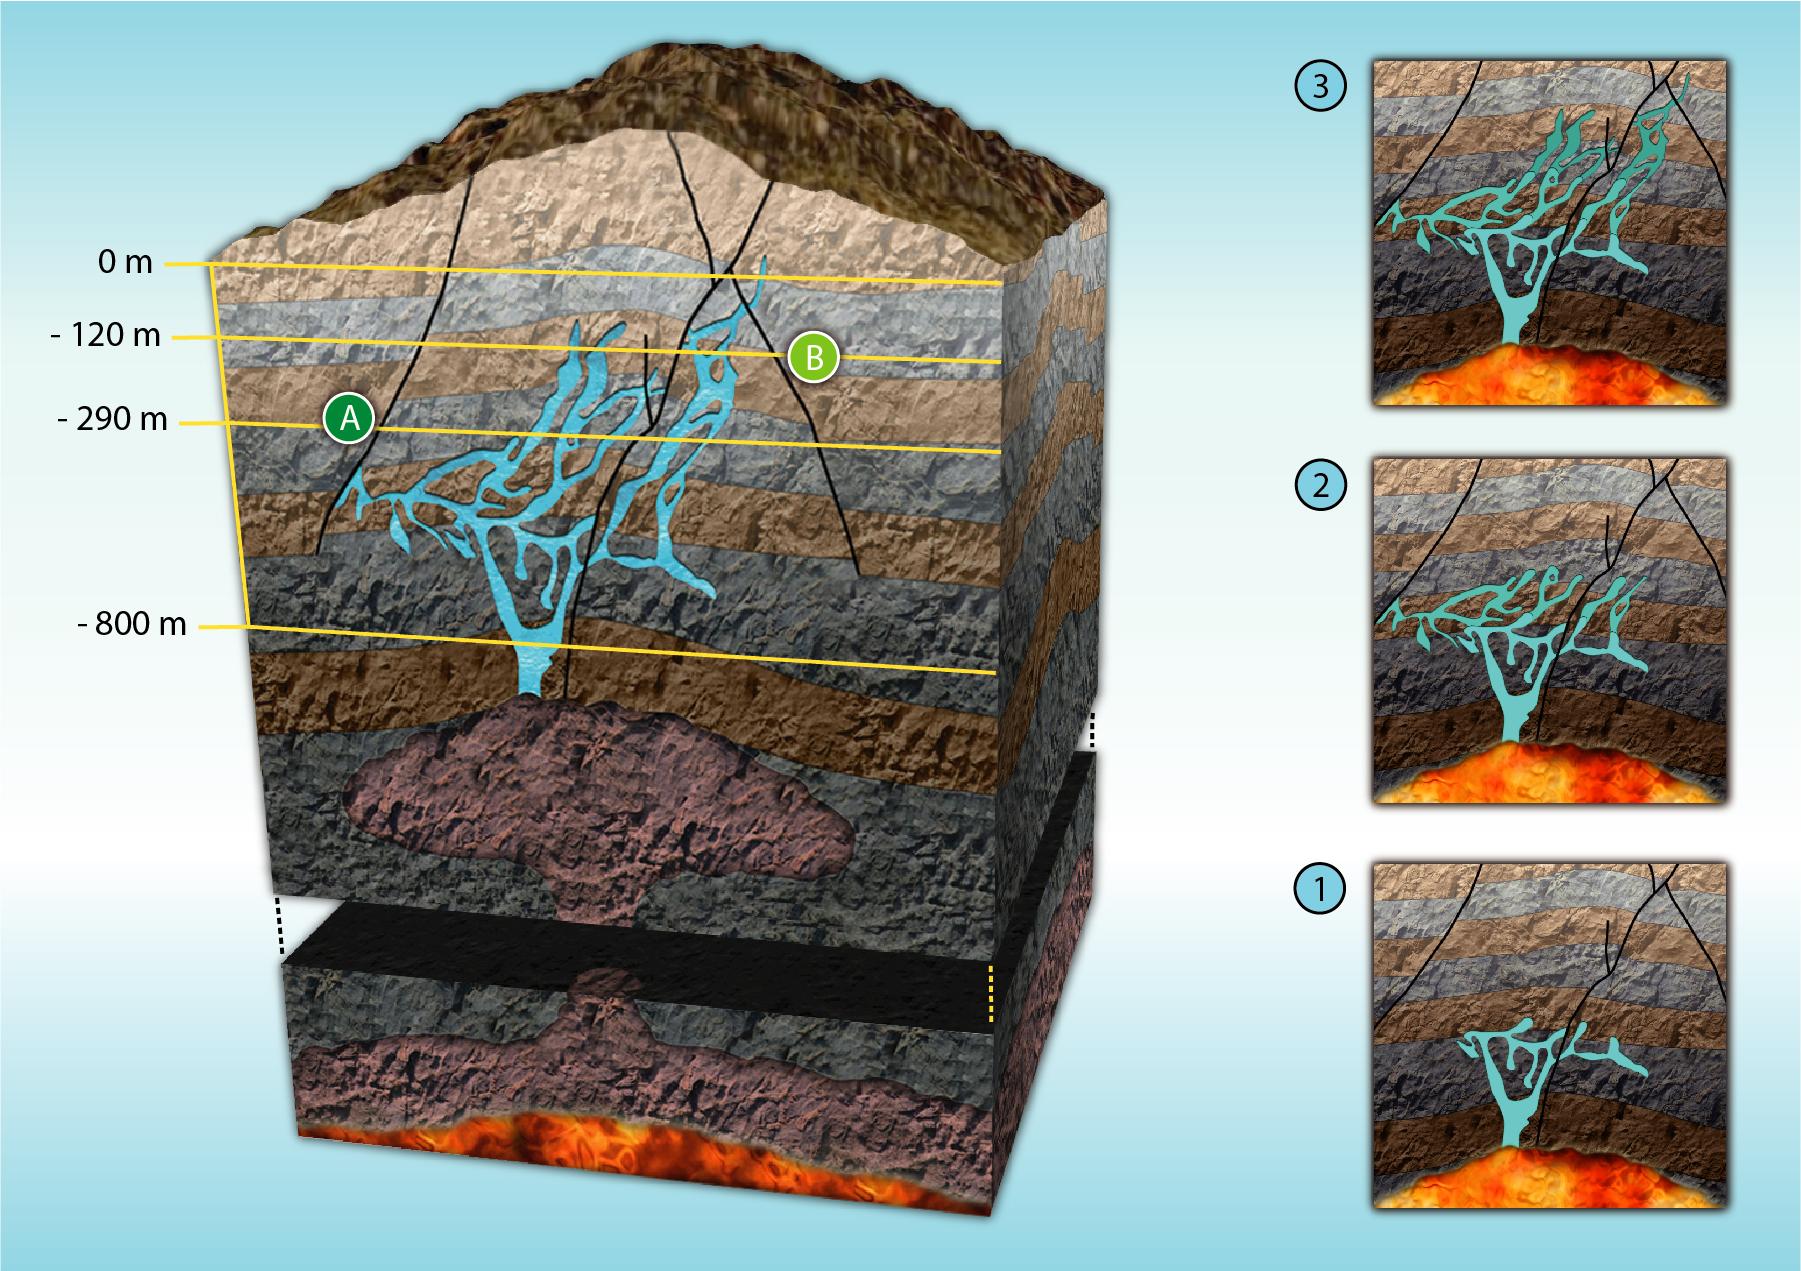 Bloc diagrama i seqüència en vinyetes del procés de mineralització i el seu resultat